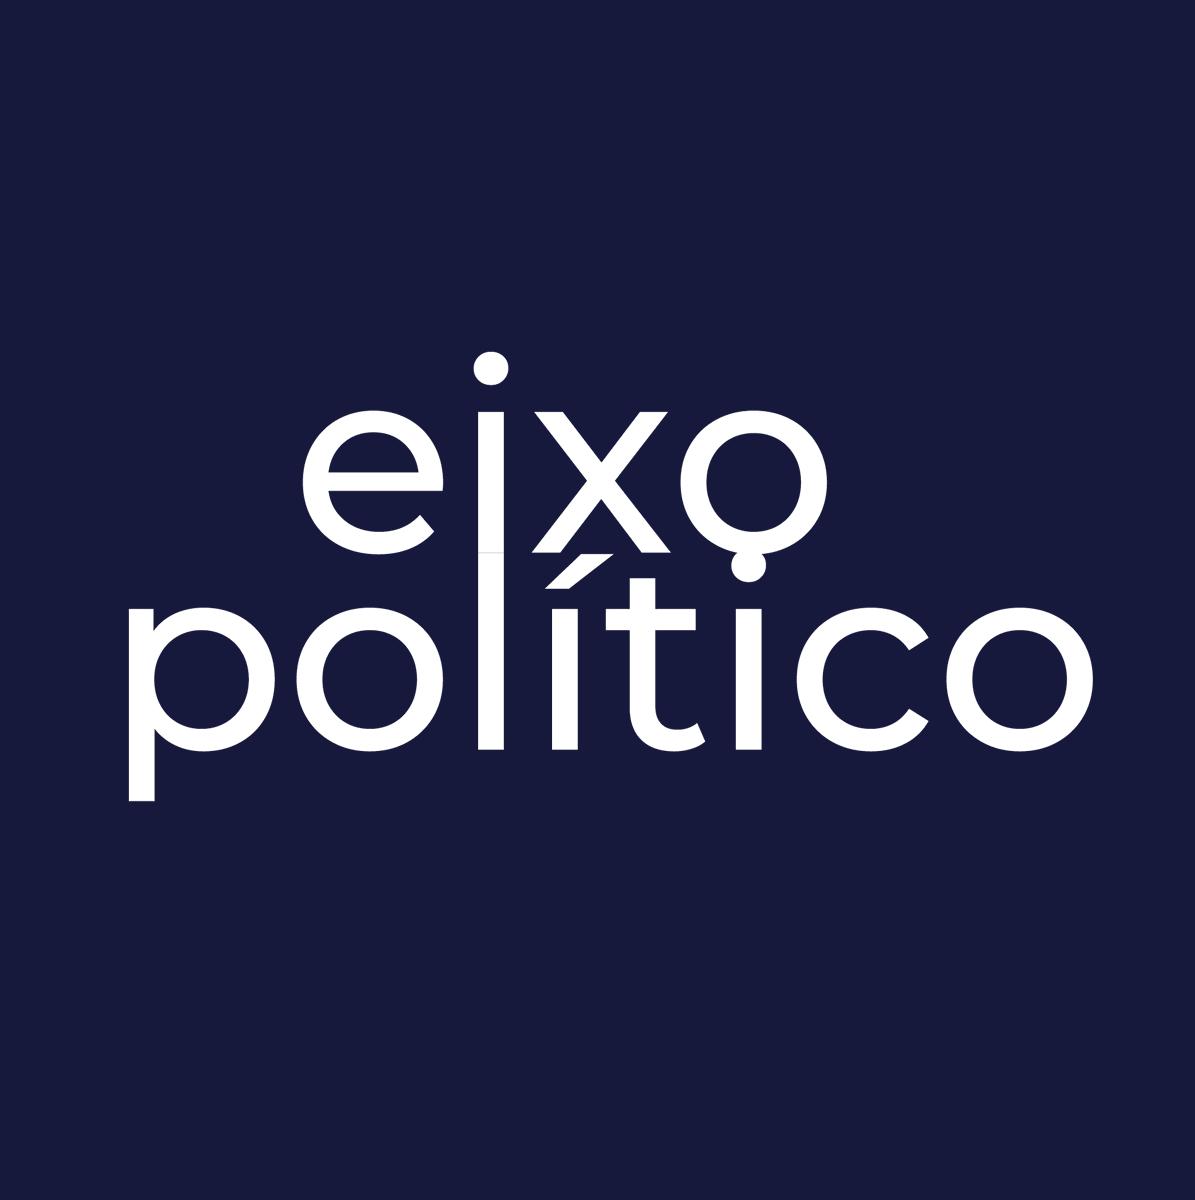 A nova era vem aí! Depois do @EleicoesEUA, em que acompanhamos o dia a dia das eleições americanas, decidimos ir além.  Seguiremos falando de política aqui no Twitter e em outras redes, mas não só dos Estados Unidos.